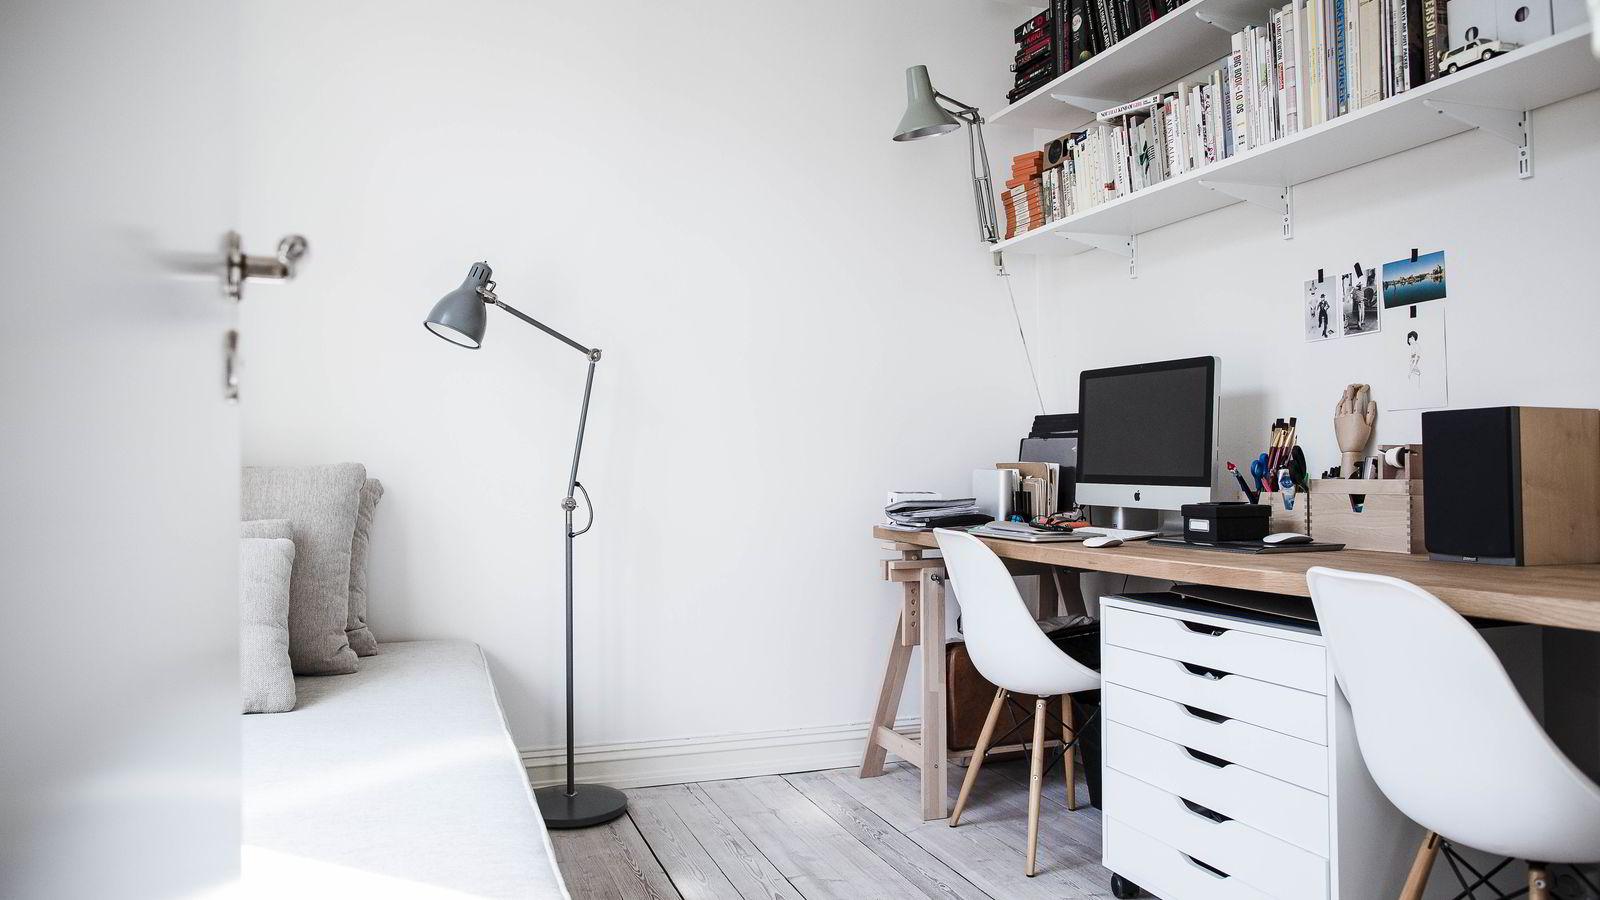 Selskapet Inkeys leverer tjenester til Oslo-folk som leier ut leiligheten sin gjennom Airbnb. Marianne Sæther brukte selskapet da hun leide ut leiligheten sin i sommer.